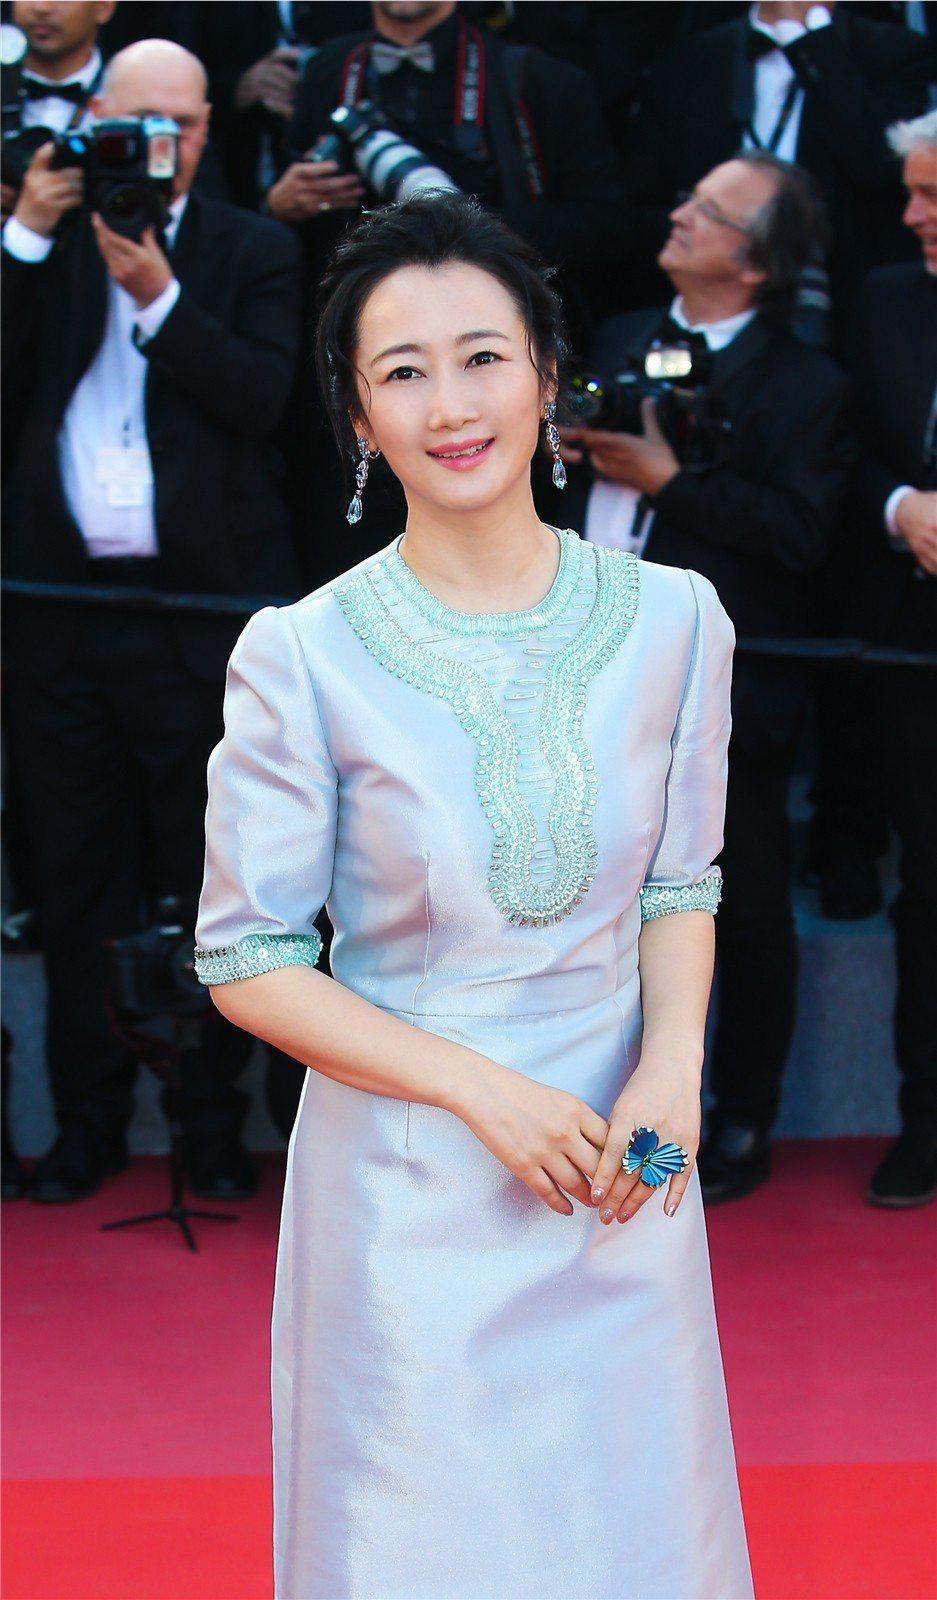 趙濤在「江湖兒女」的表現大獲肯定,被認為極有望拿下坎城影后。圖/佳映提供